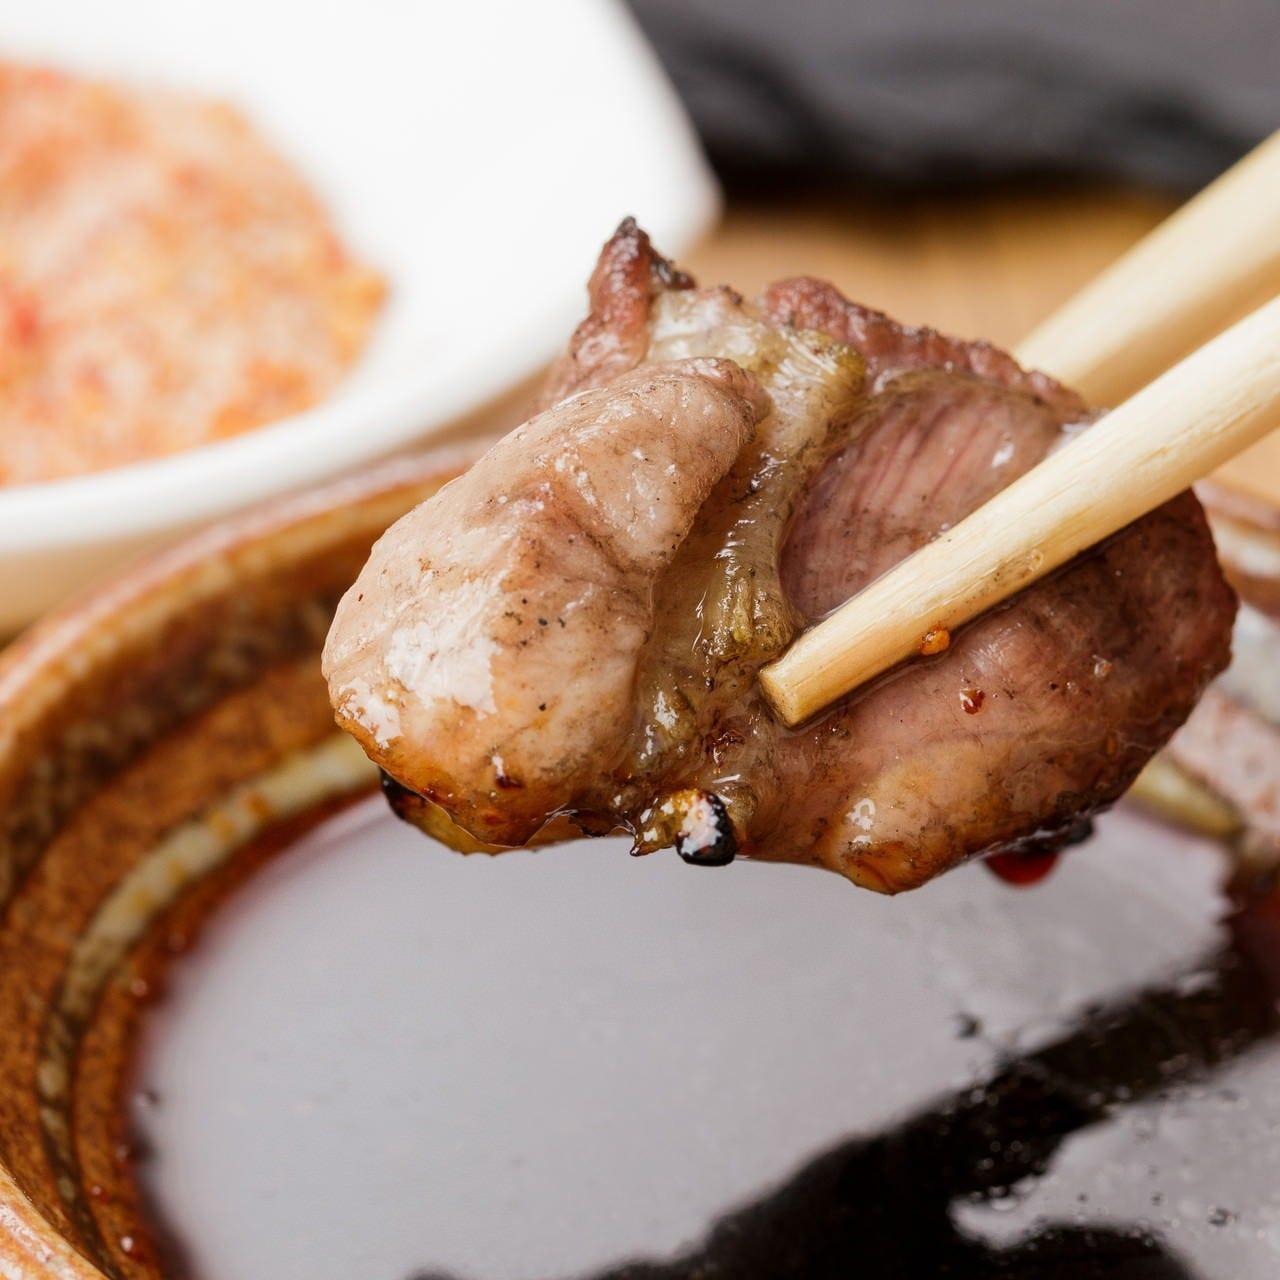 肉の美味しさを引き立てる自家製タレやブレンド塩でどうぞ